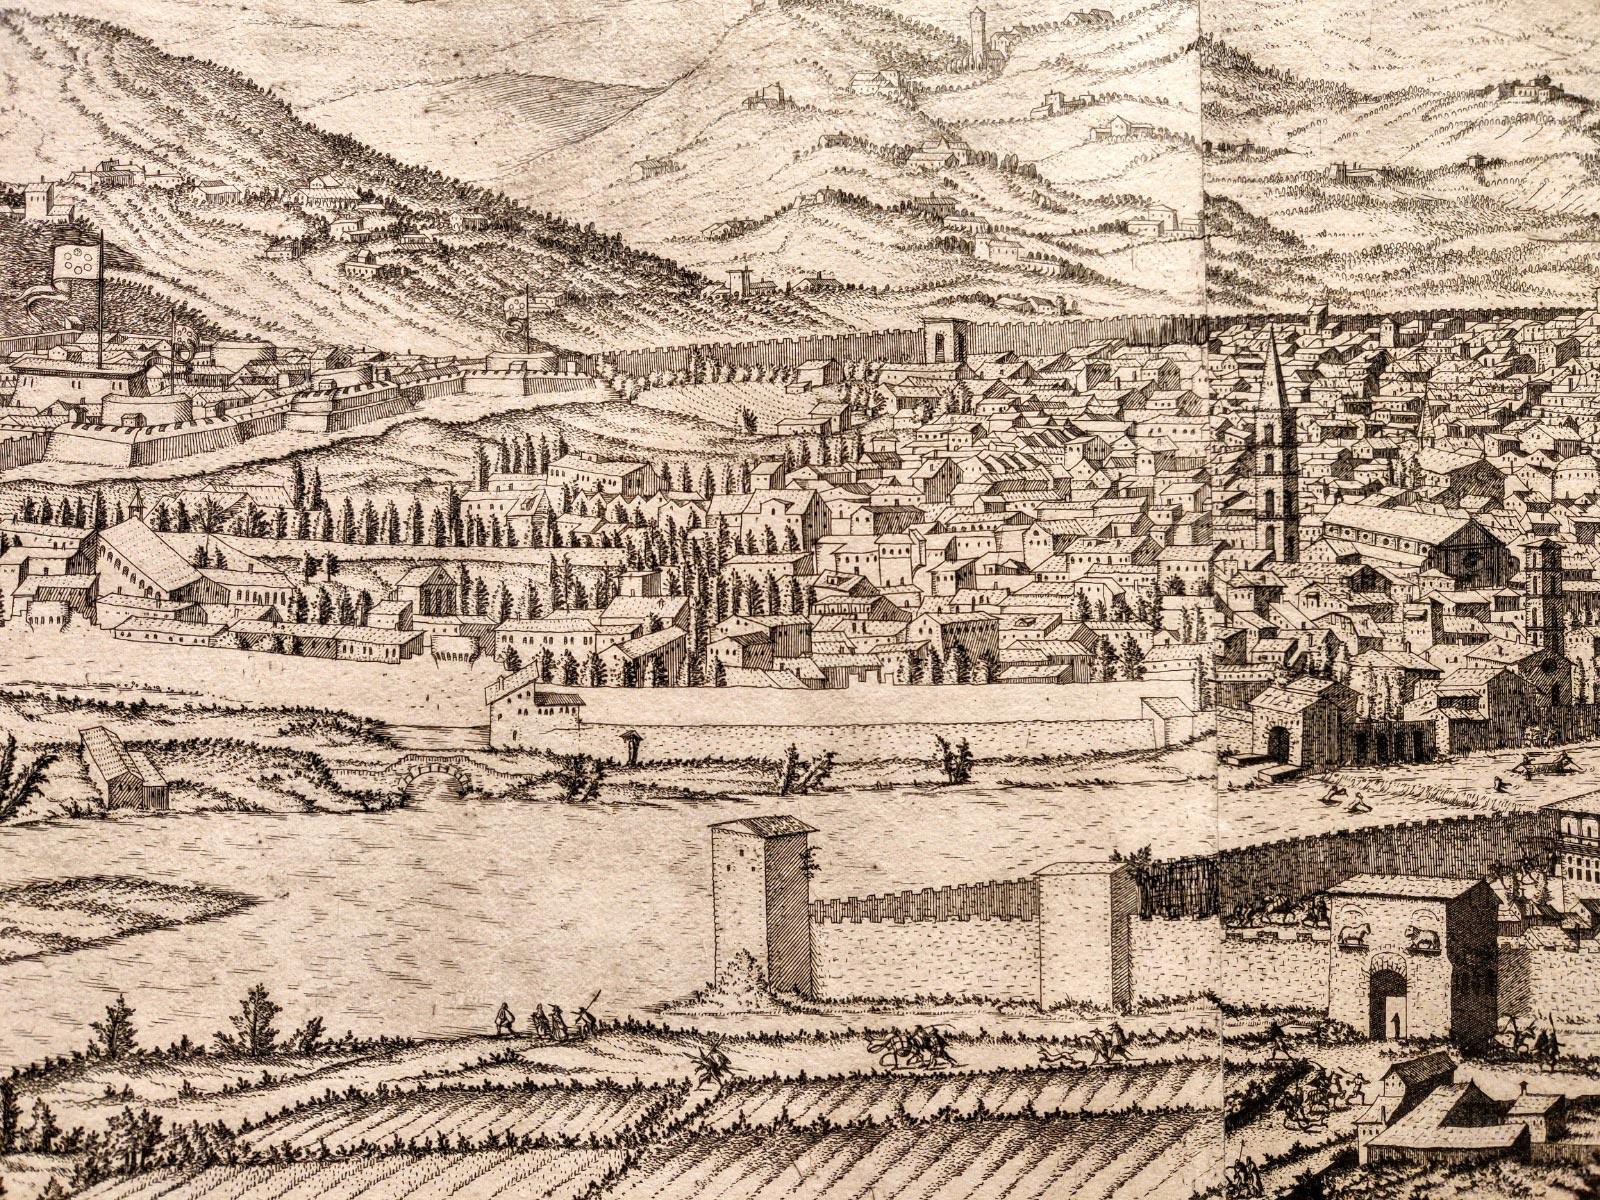 Ecco com'era Firenze nel Rinascimento: gli Uffizi acquistano una rarissima veduta della città del 1557